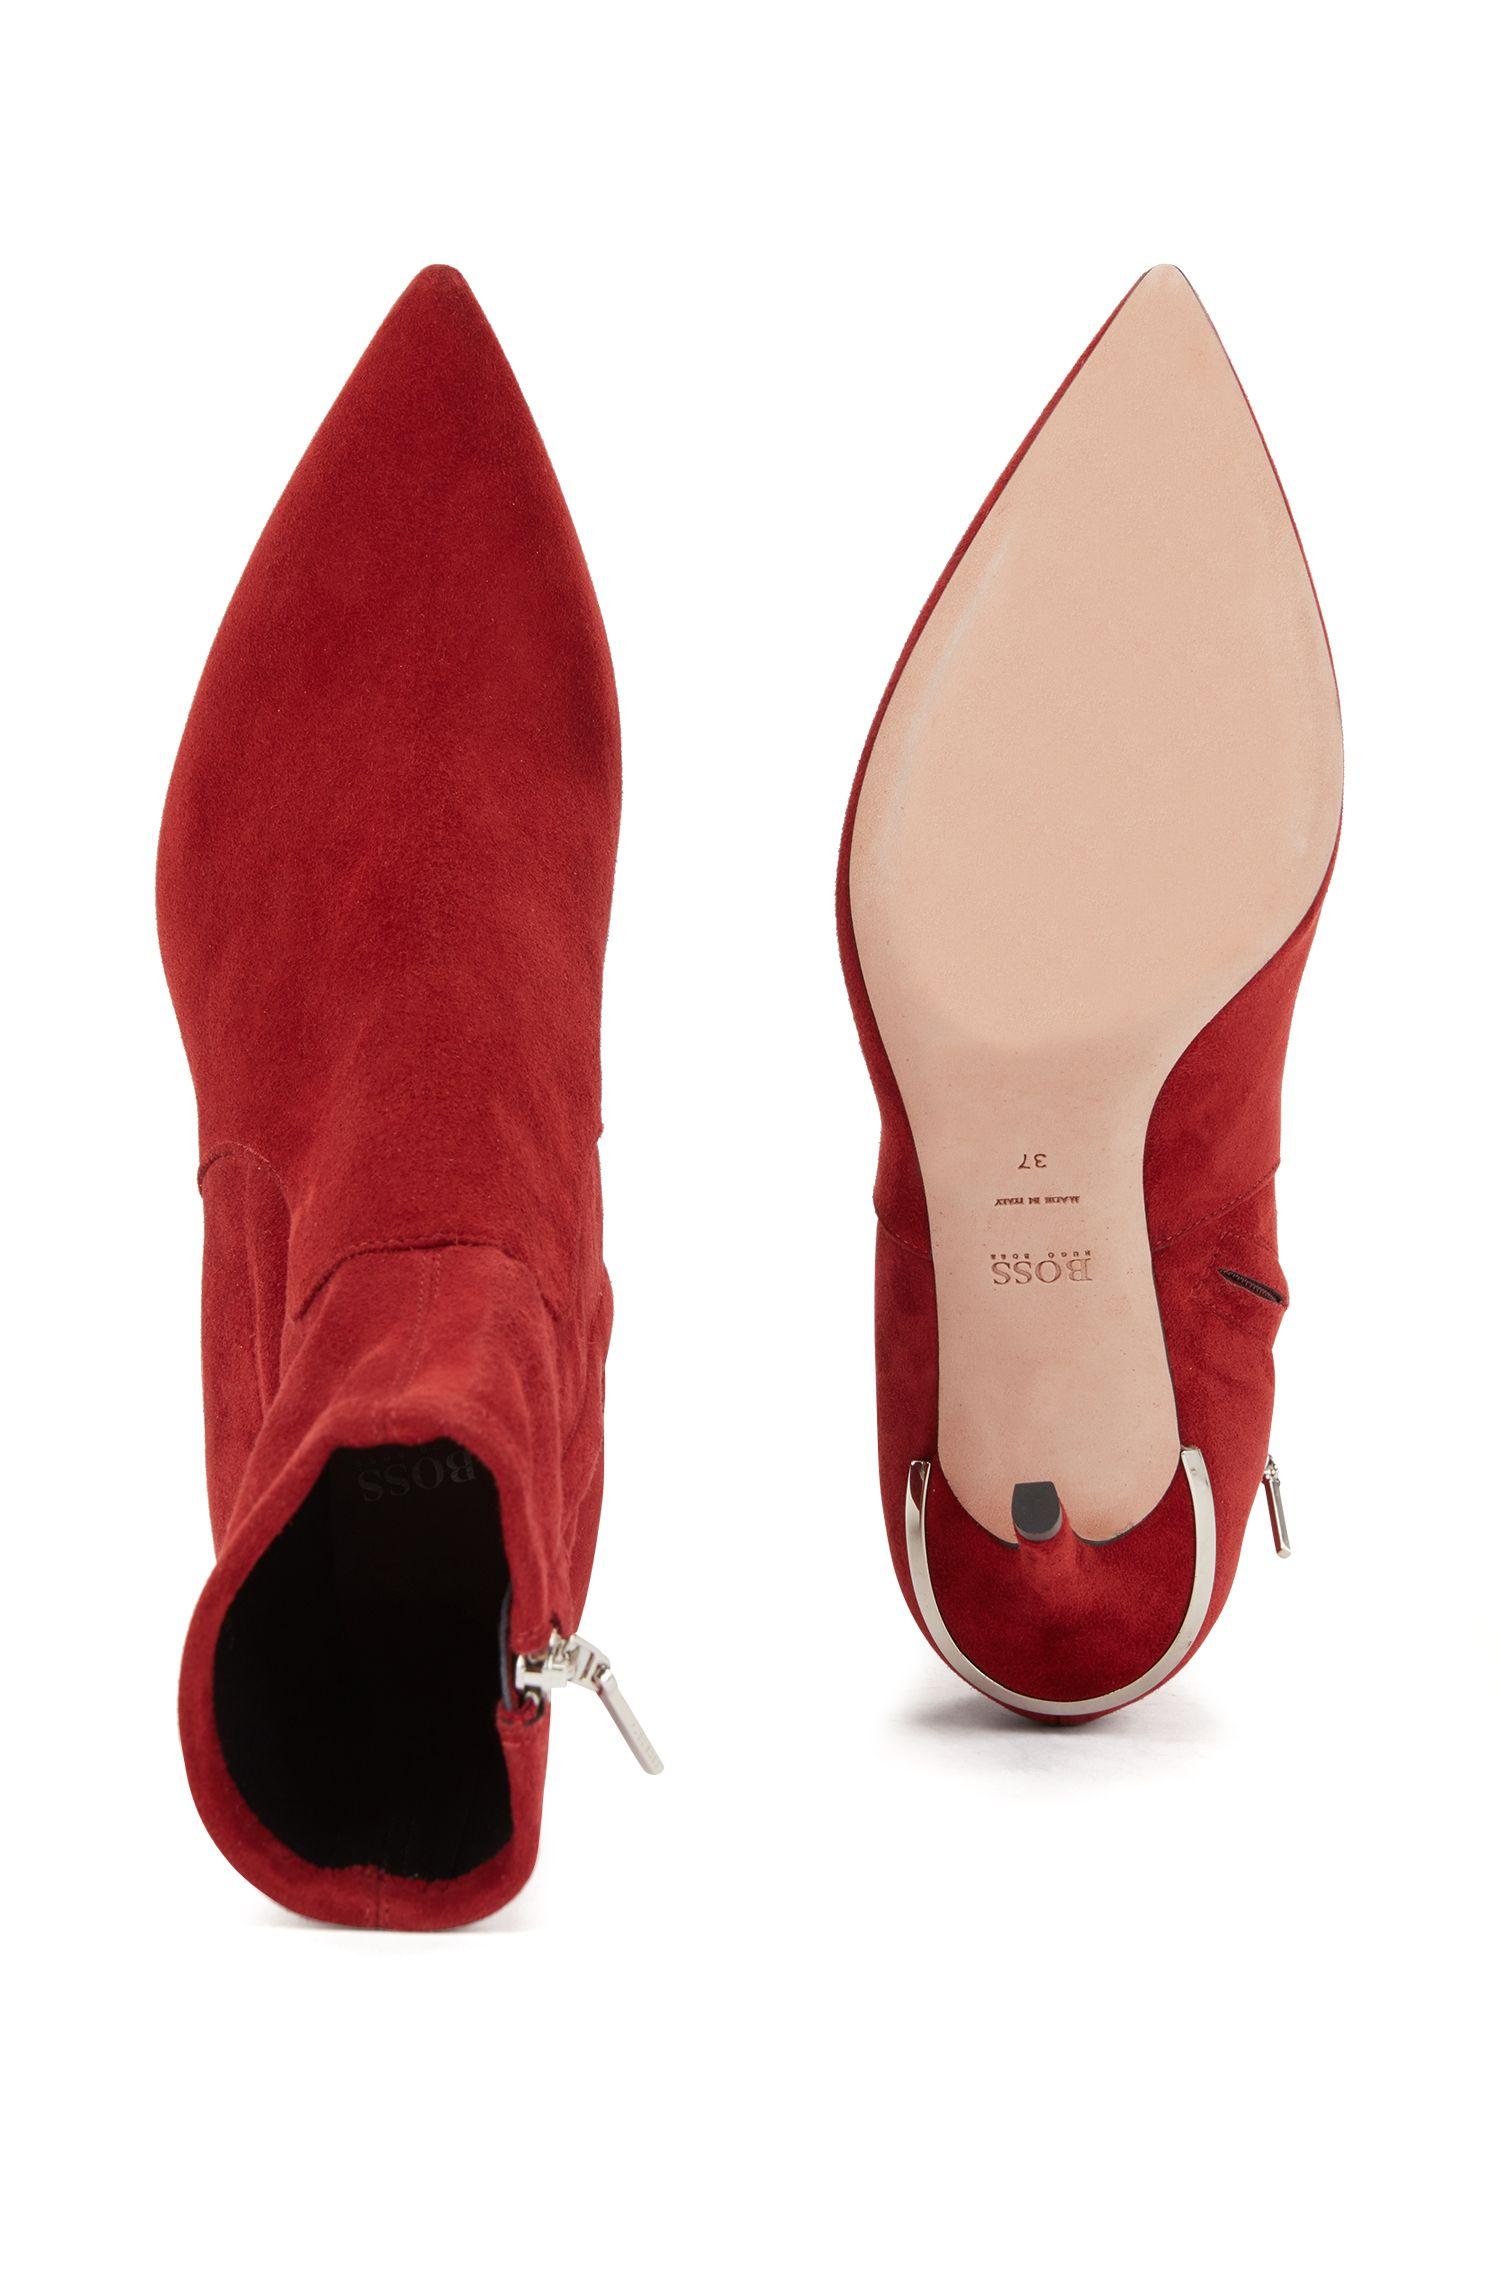 Stivaletti a calza in pelle scamosciata elasticizzata realizzata in Italia, Rosso scuro